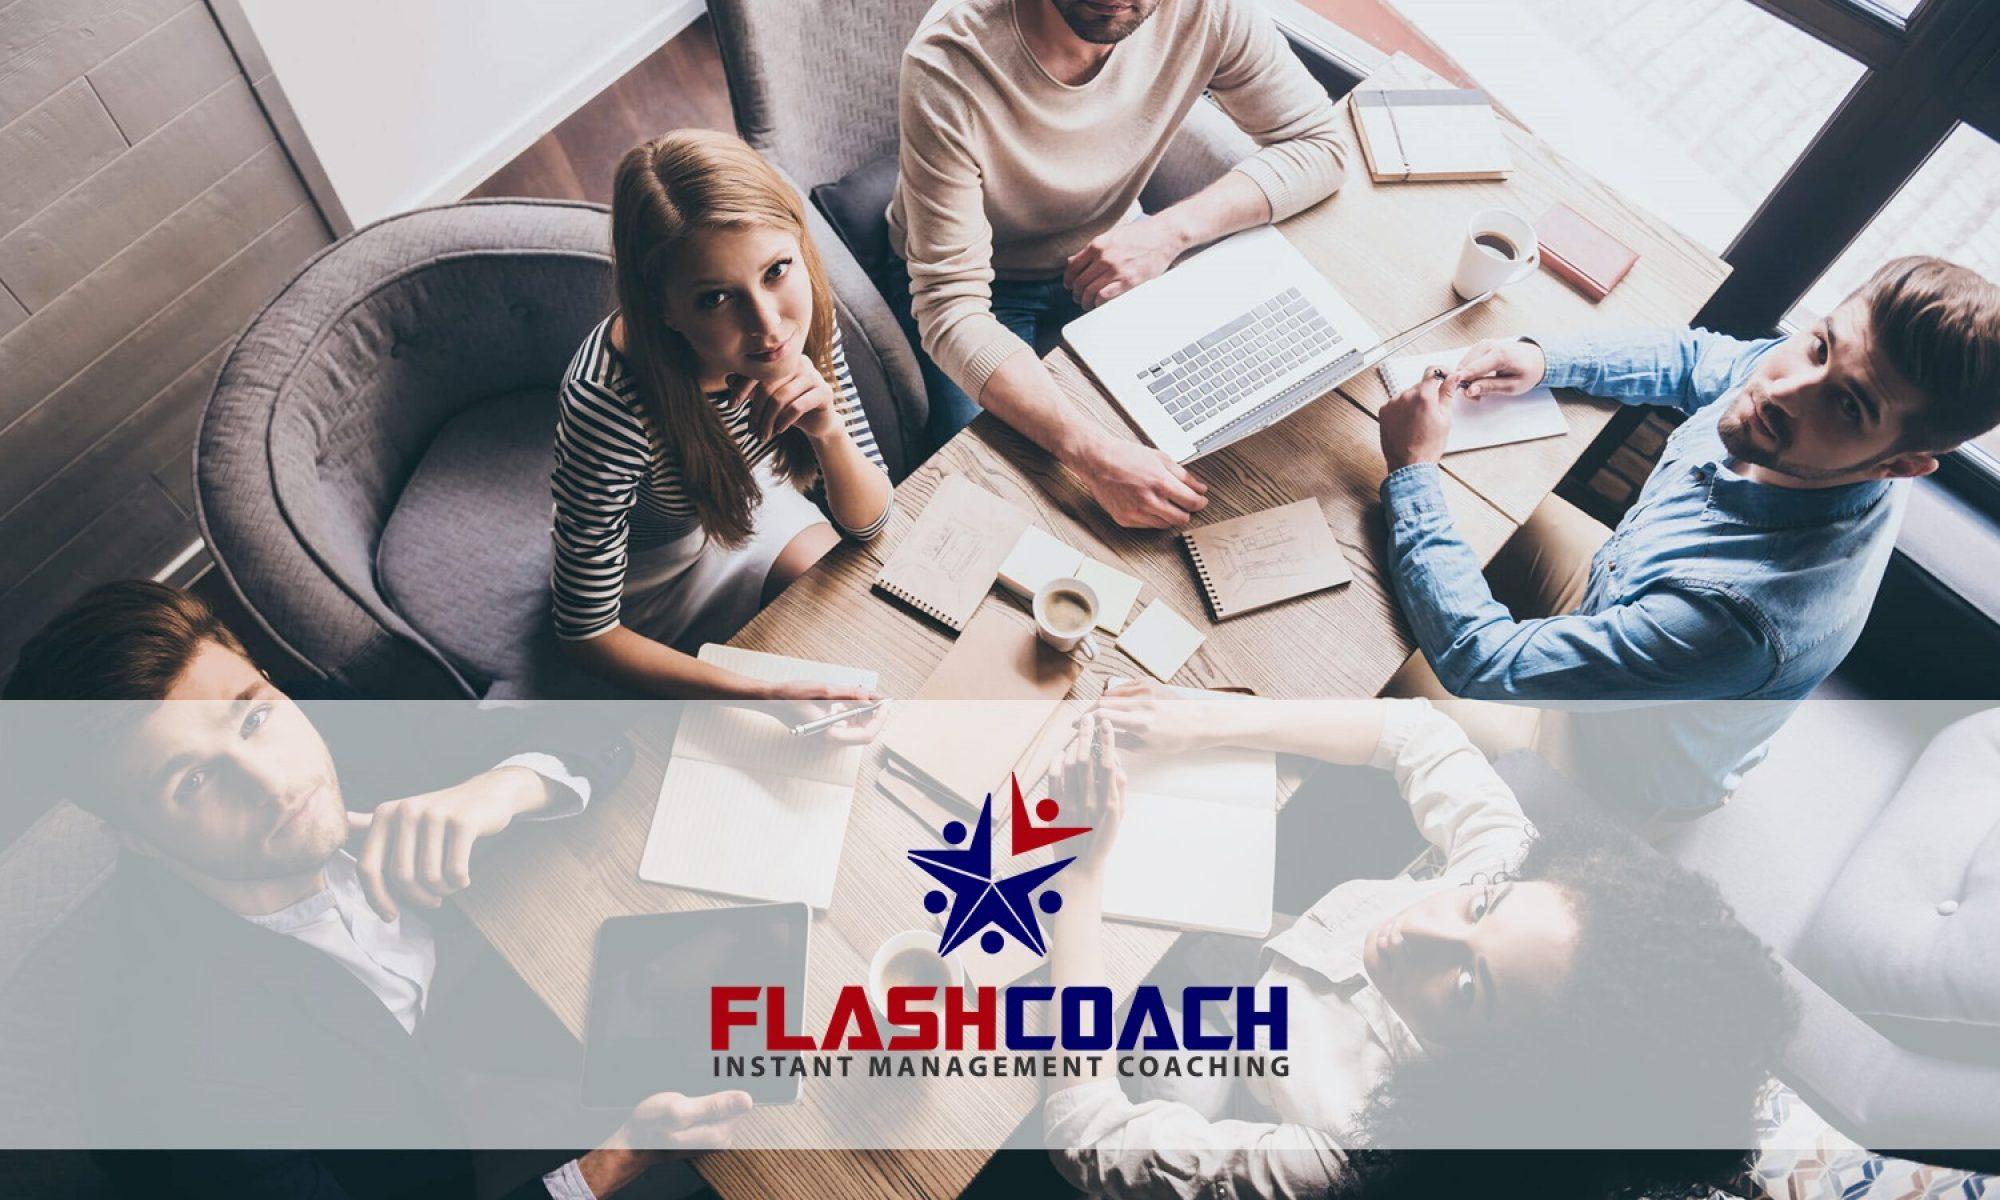 FlashCoach